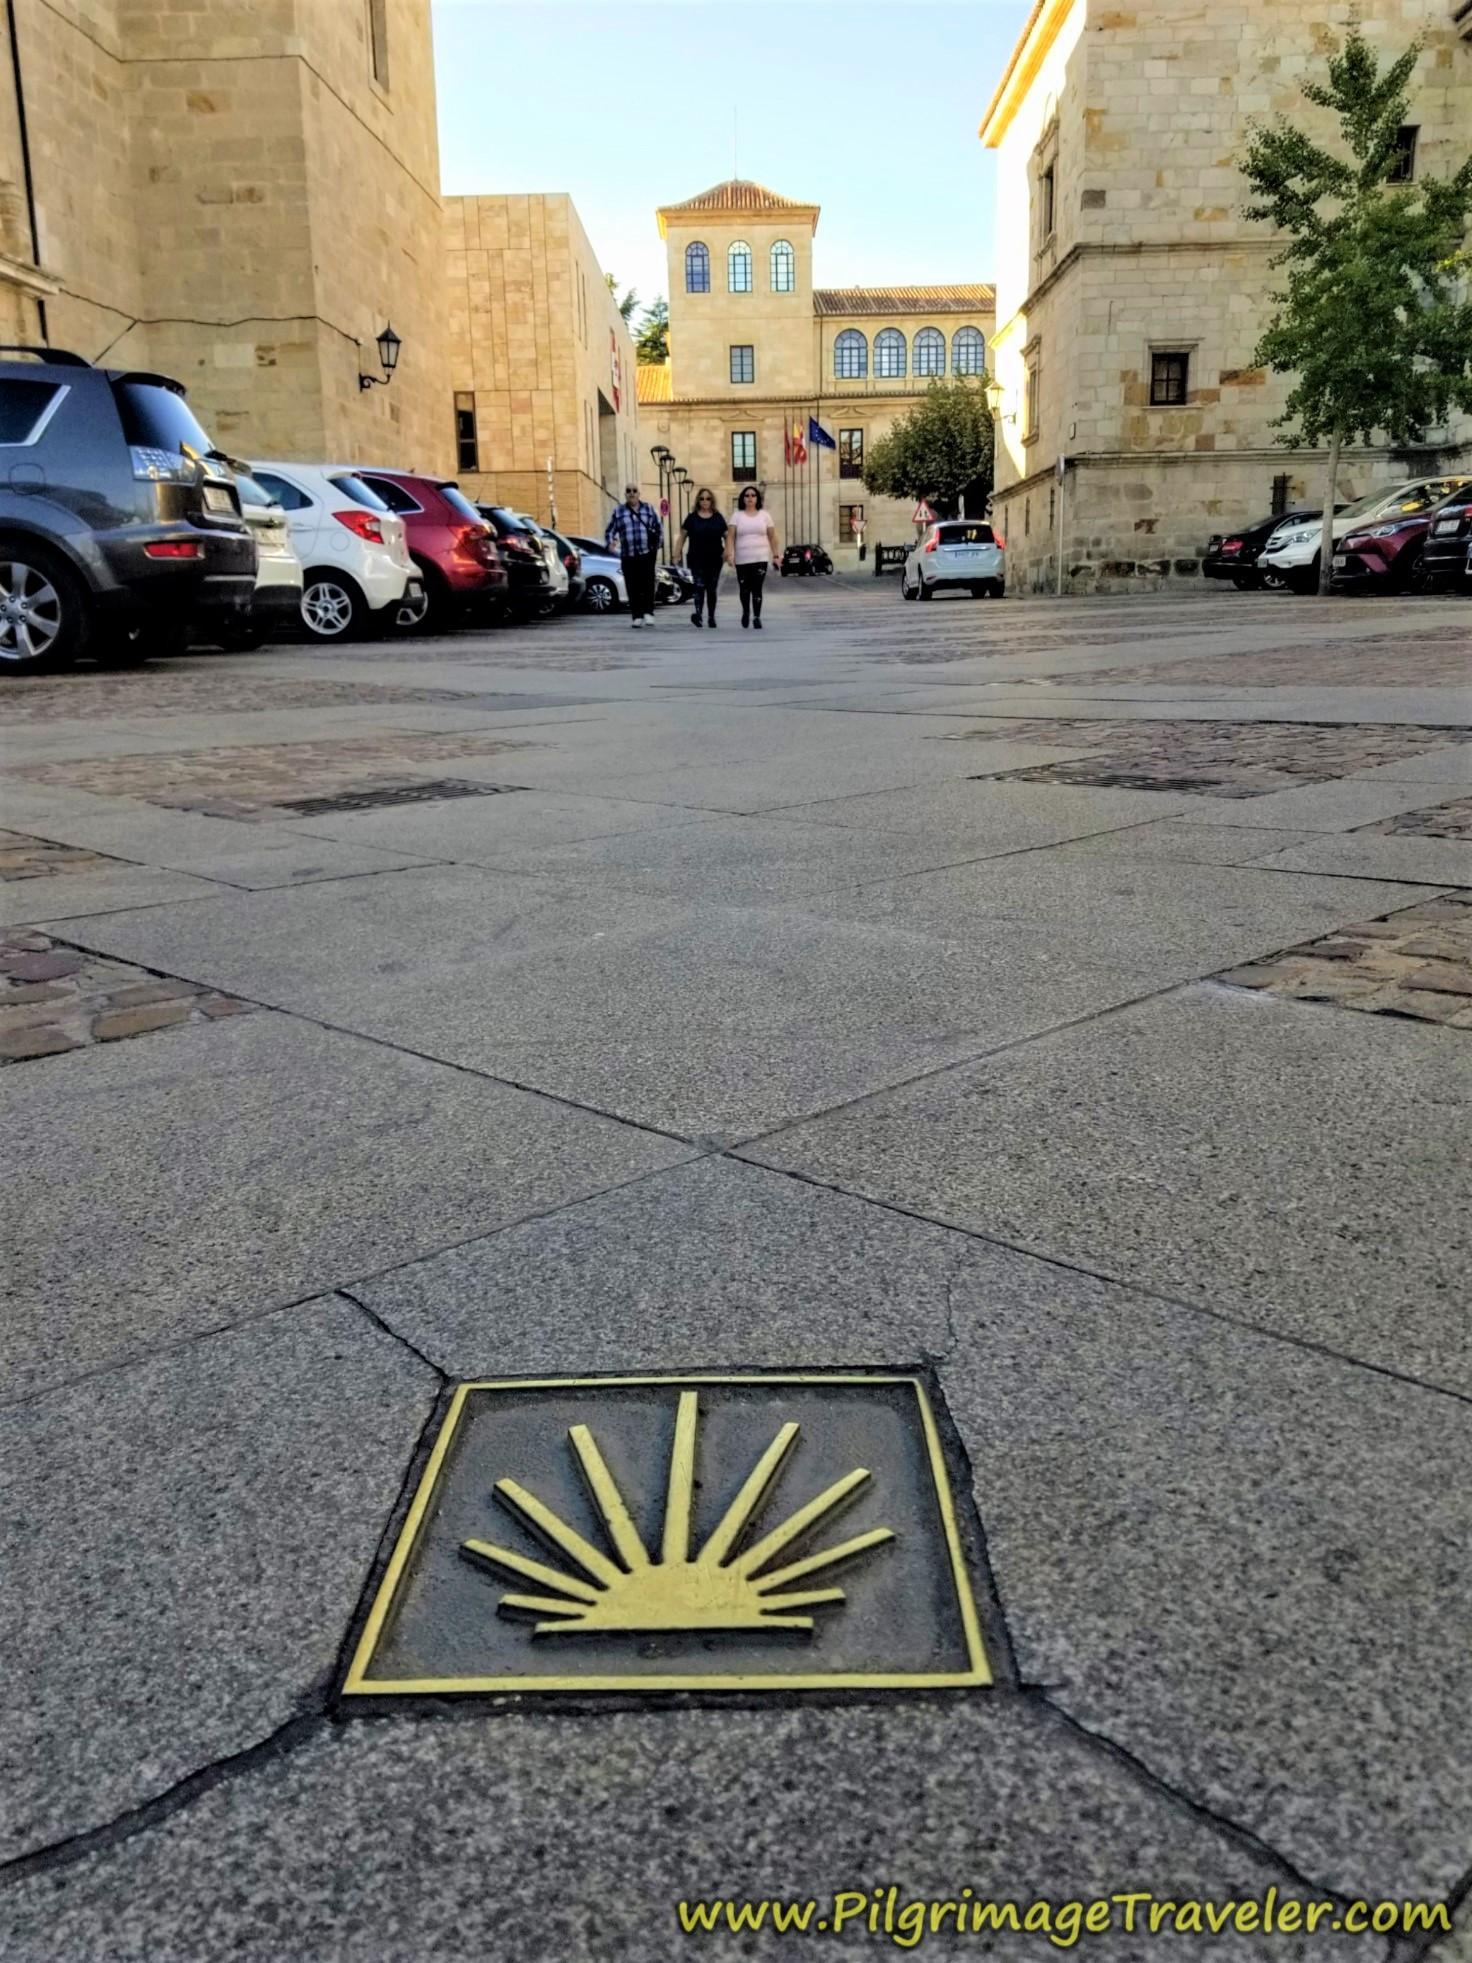 Shell Waymark Plaza de Claudio Moyano, Zamora